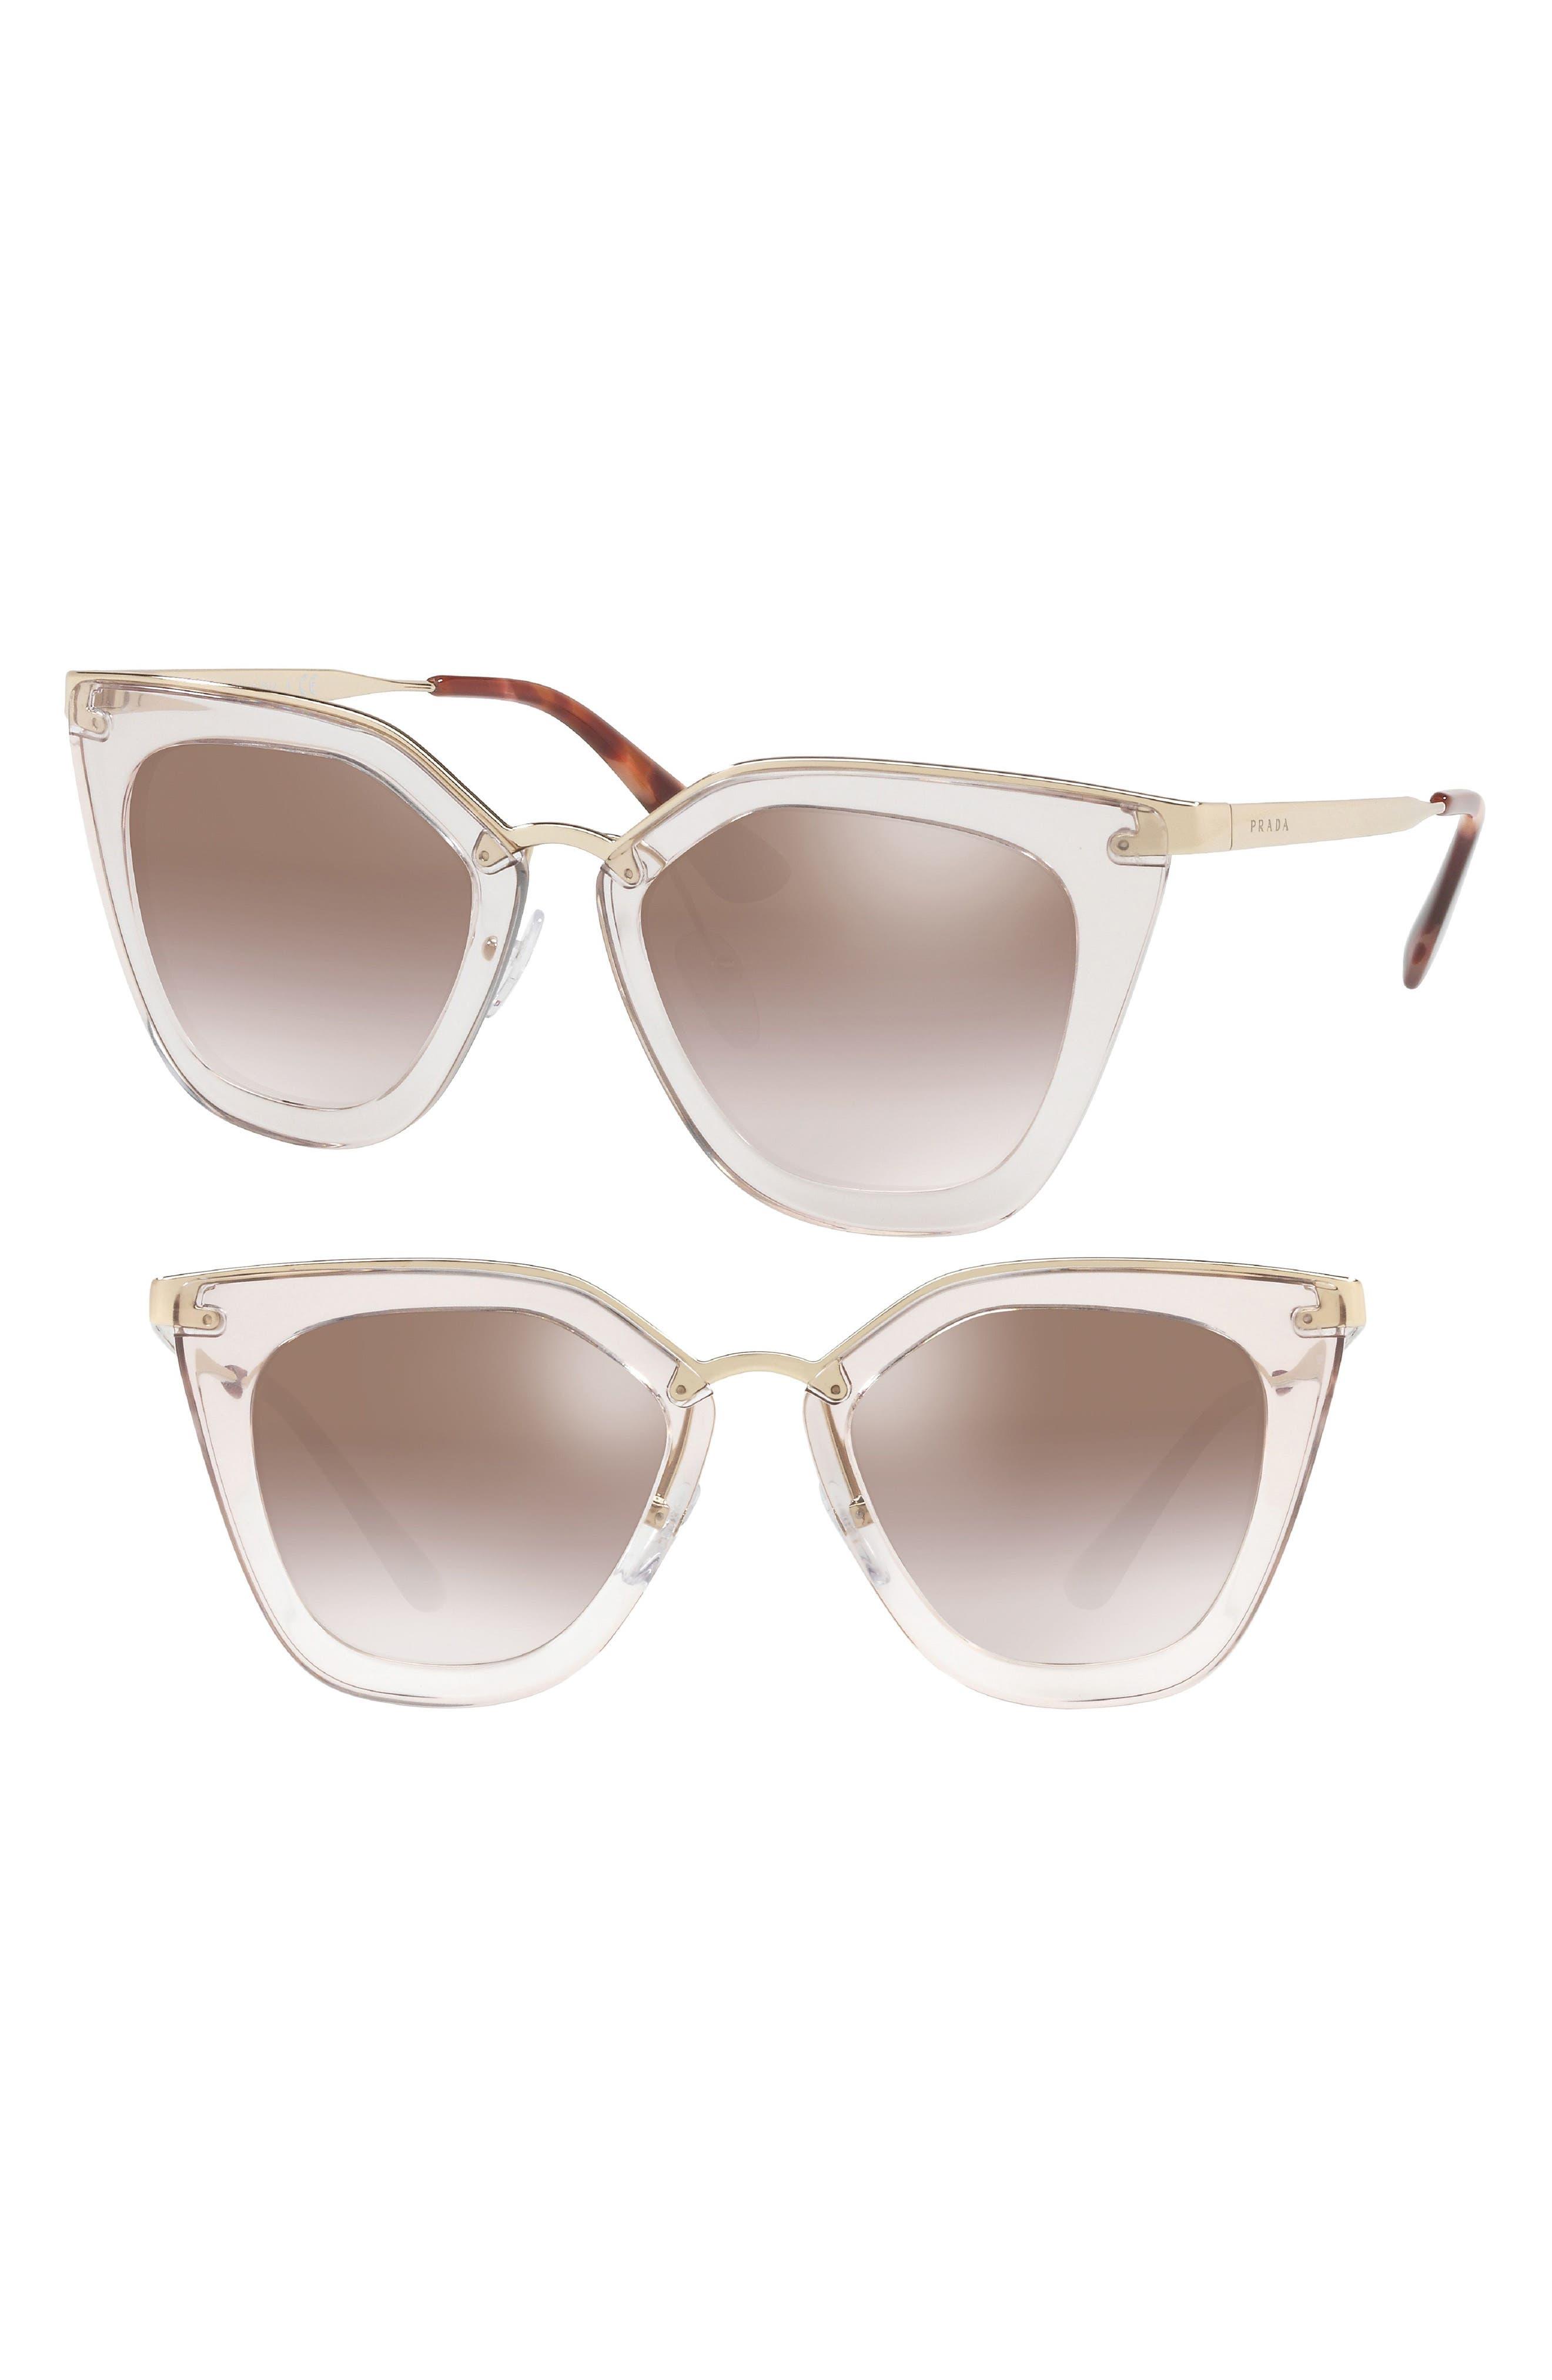 52mm Retro Sunglasses,                         Main,                         color, 200